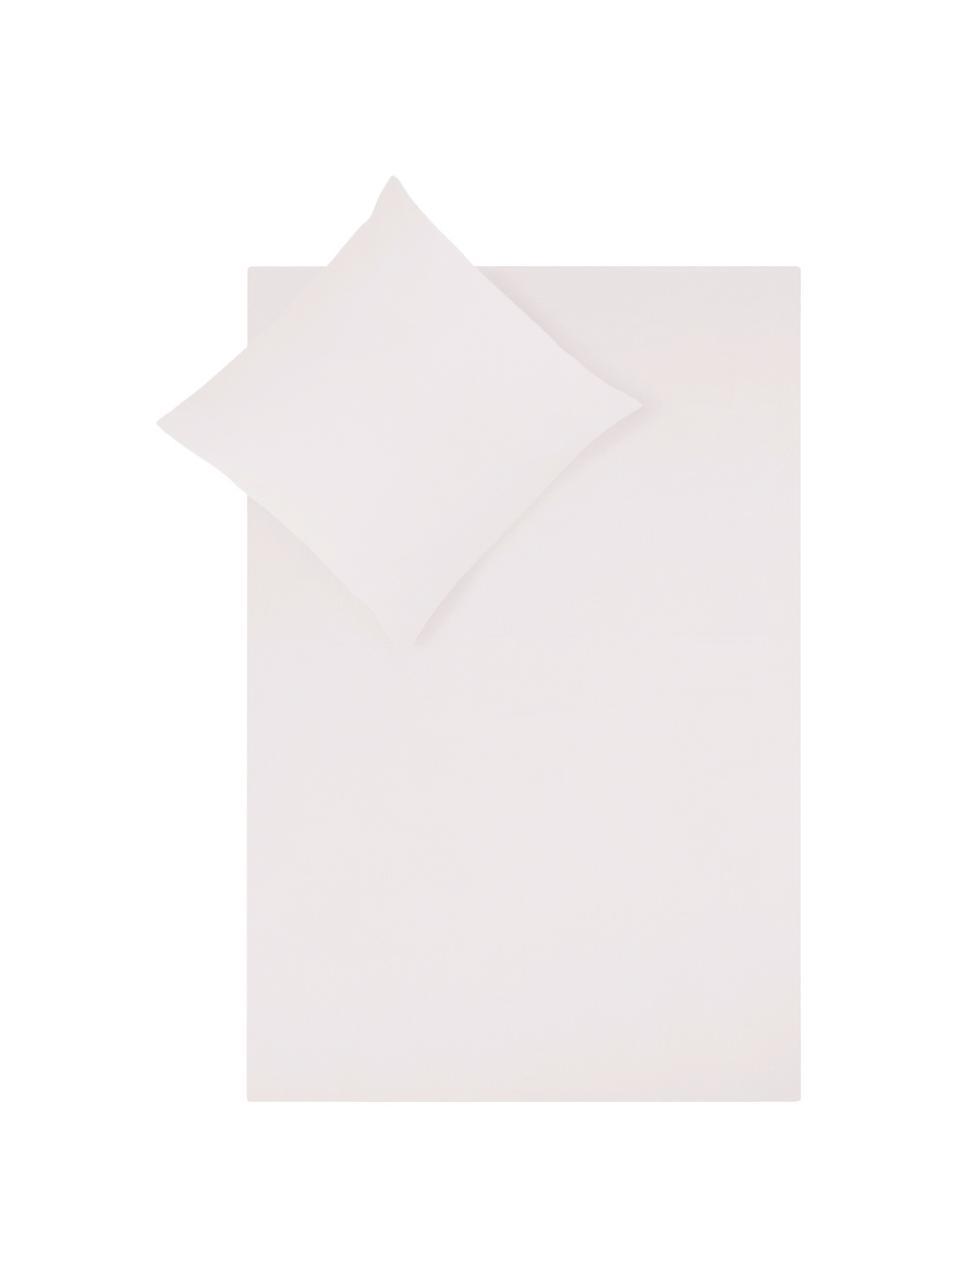 Pościel z satyny bawełnianej Comfort, Blady różowy, 240 x 220 cm + 2 poduszki 80 x 80 cm